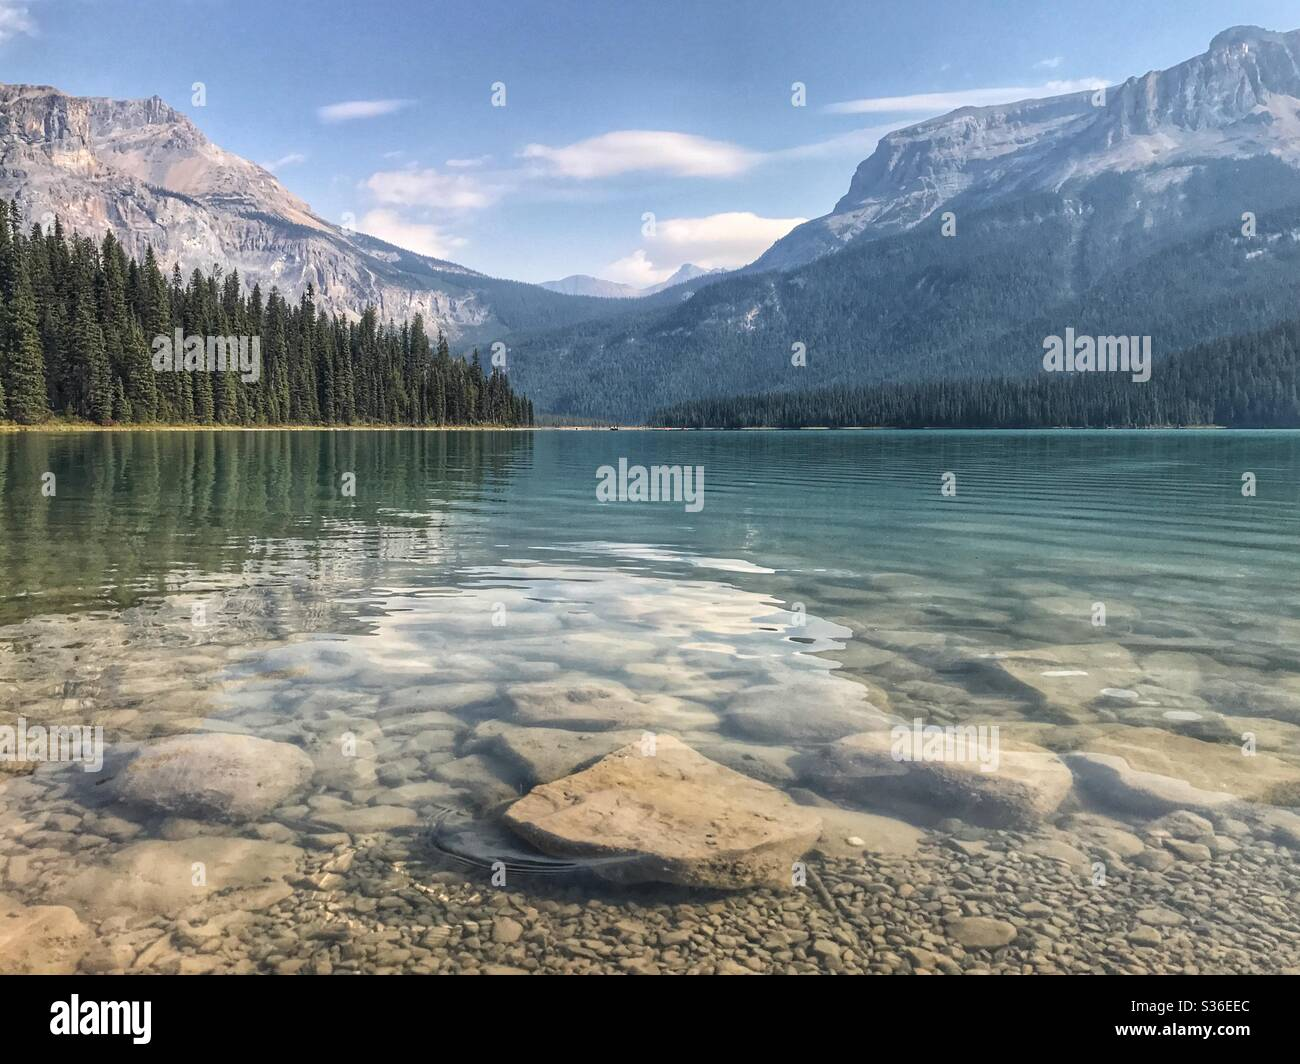 Lac de montagne dans les montagnes Rocheuses canadiennes Banque D'Images